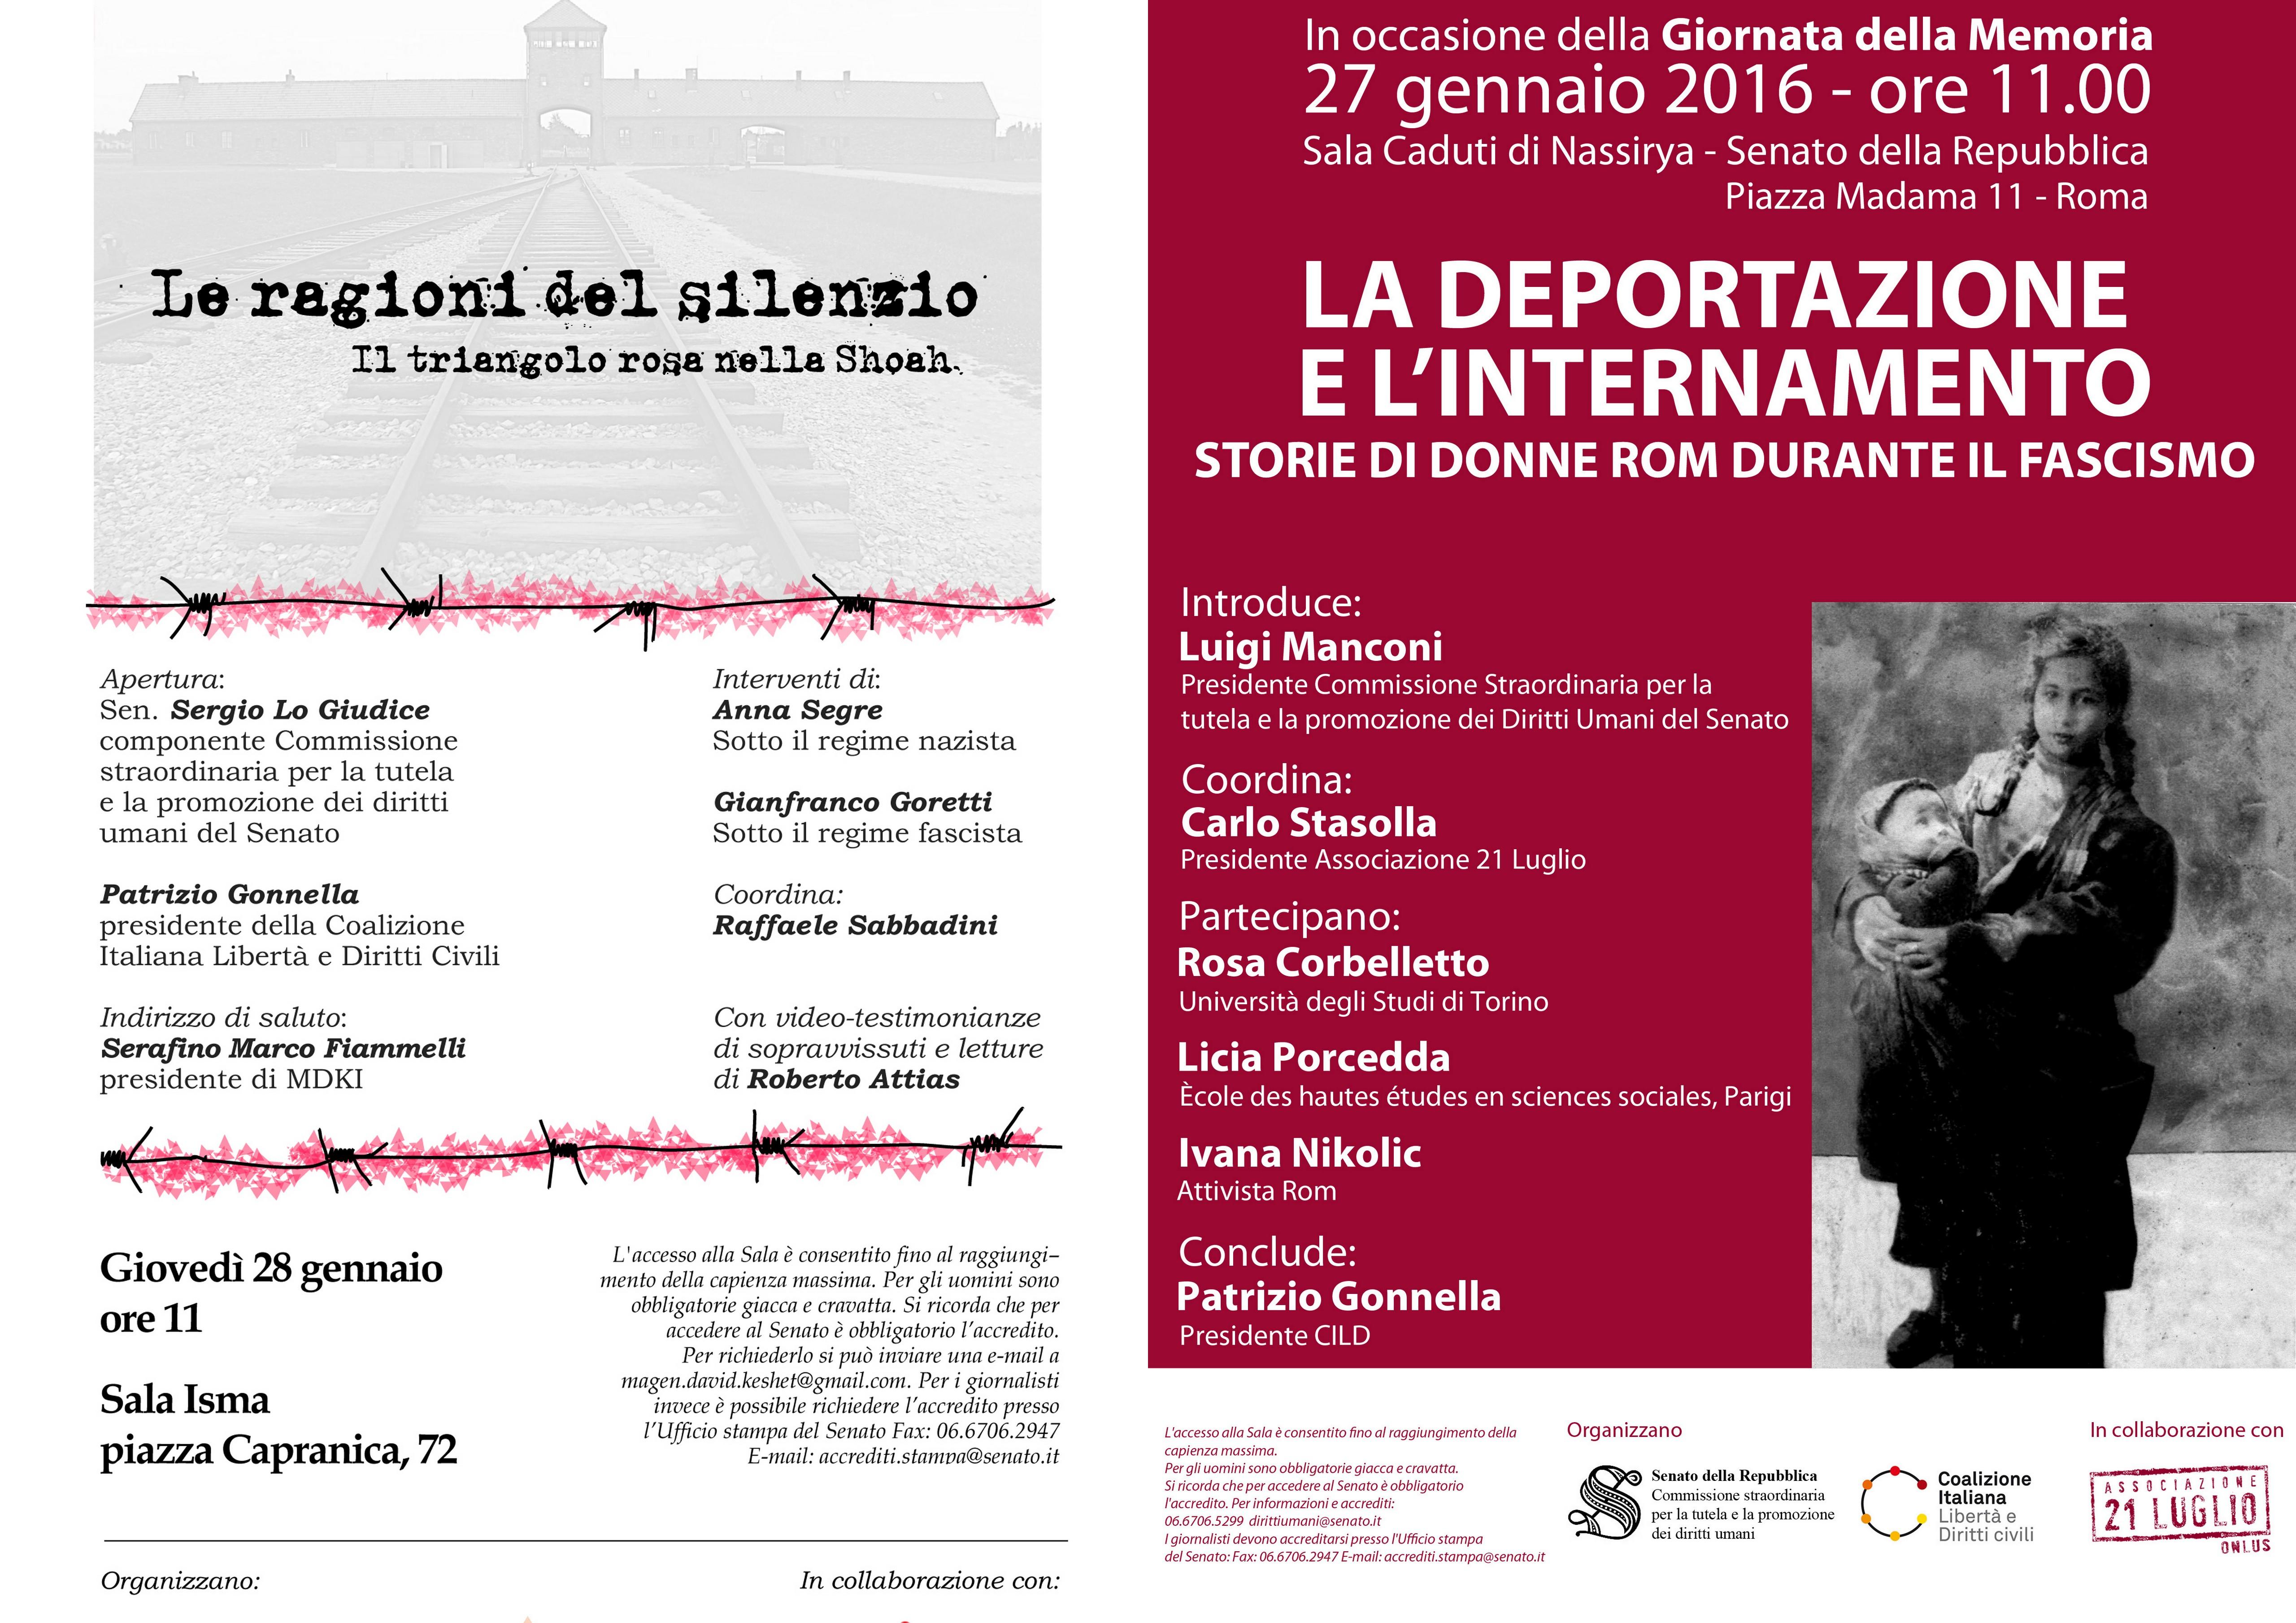 Giornata della Memoria: ricordare lo sterminio di rom e omosessuali